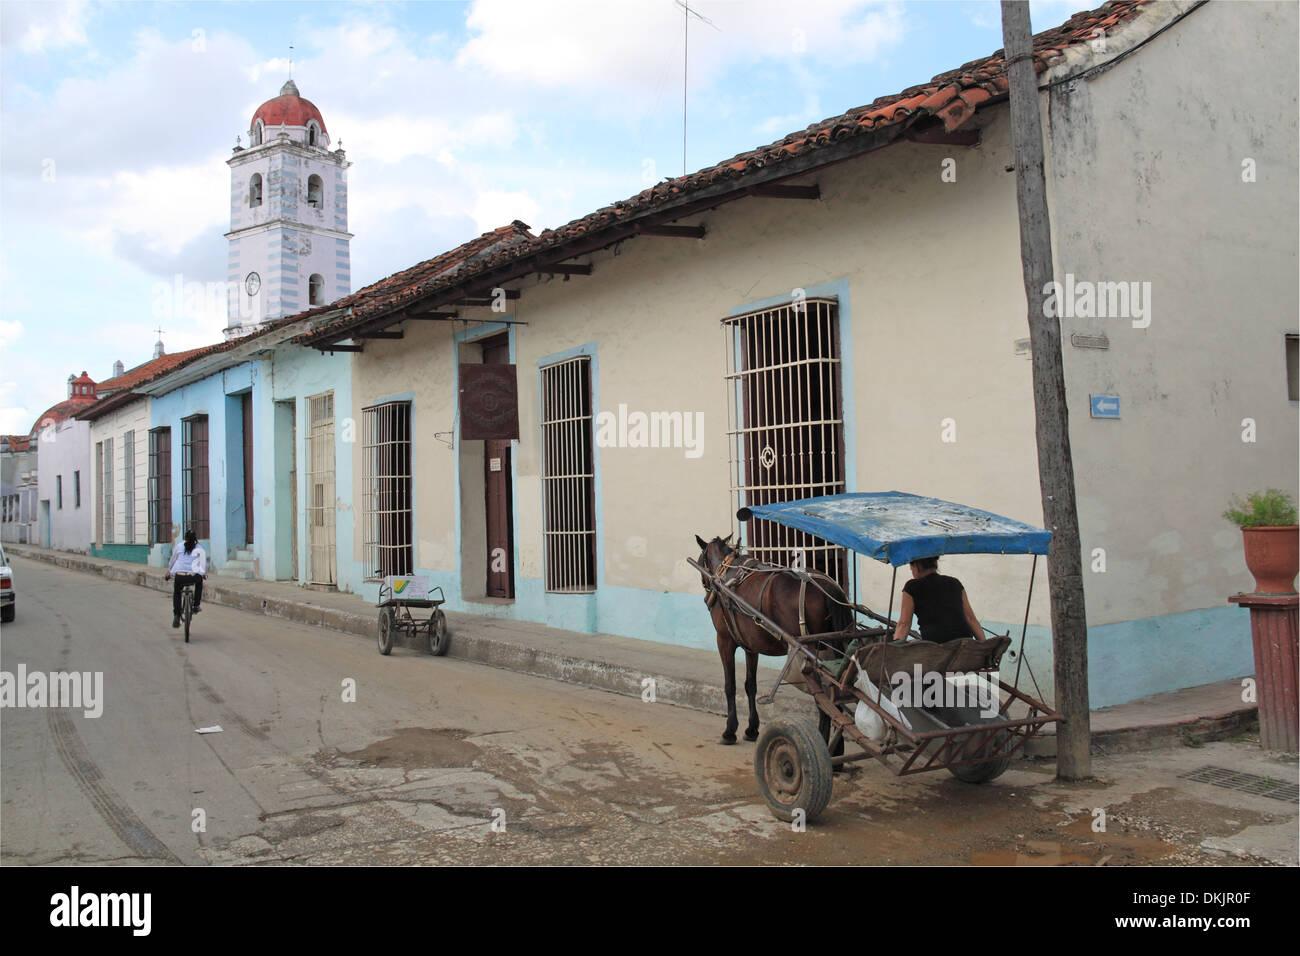 El Conquistador El Restaurante La Calle Agramonte Oeste Sancti